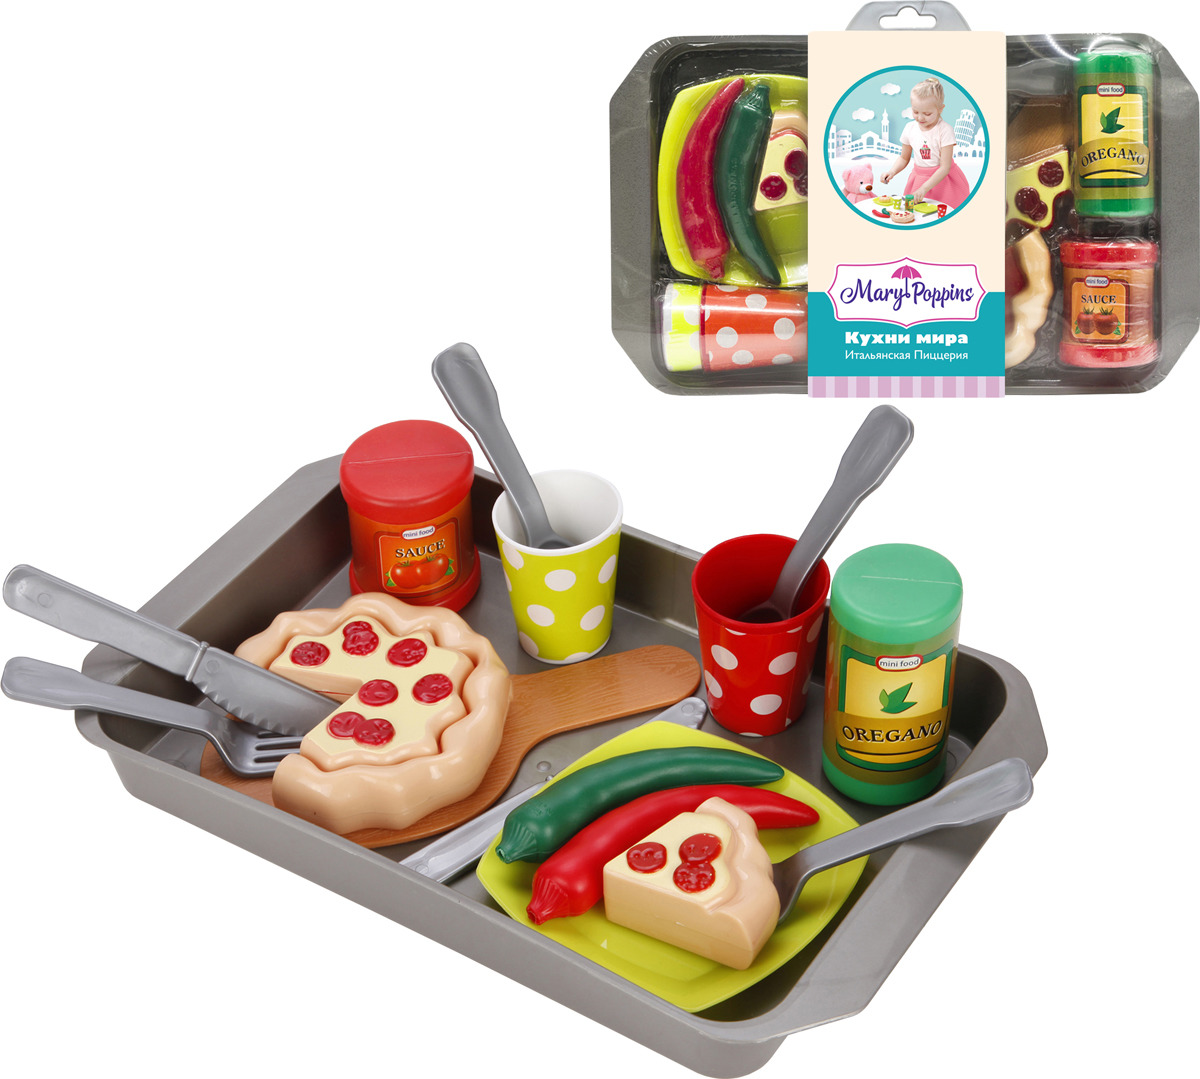 цена Набор посуды и продуктов Mary Poppins